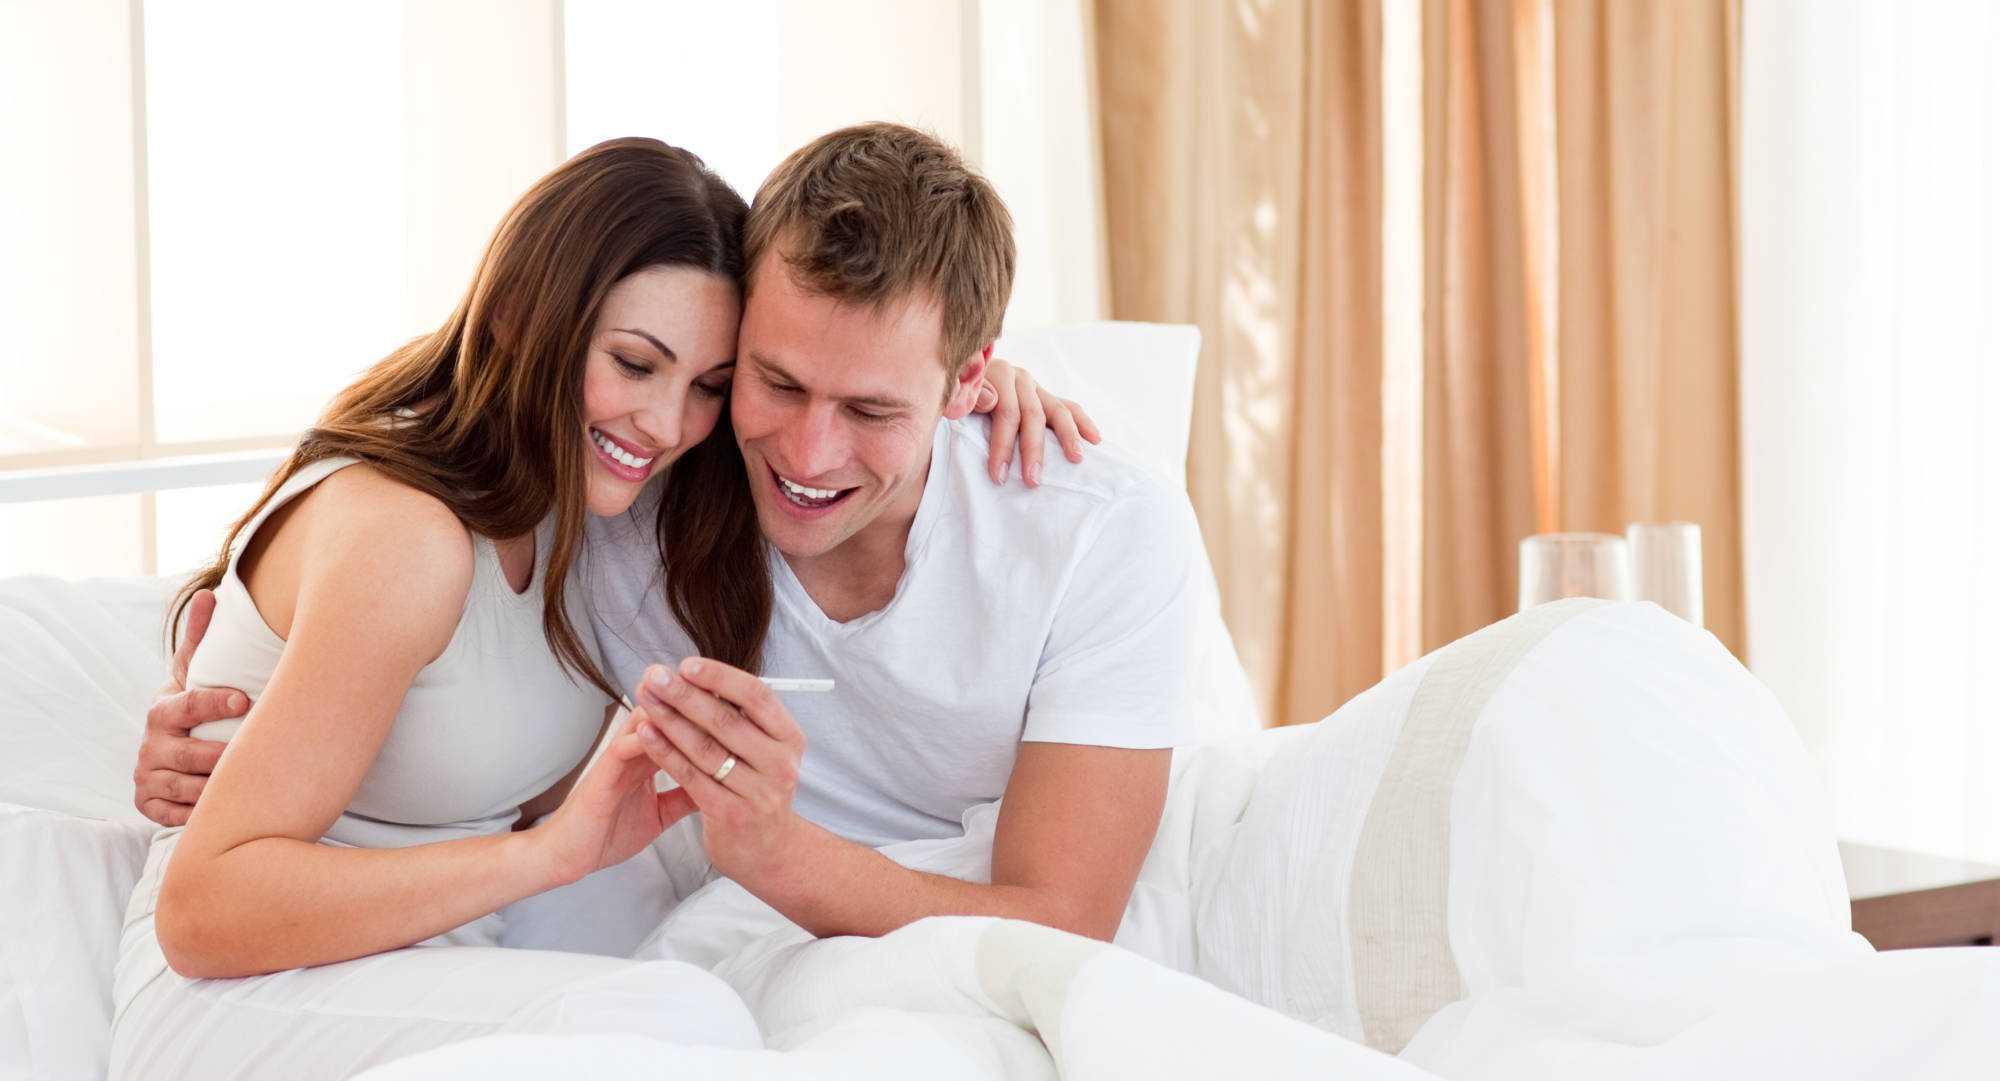 Как понять, что мужчина вам не подходит: 3 признака. что учесть при знакомстве с мужчиной